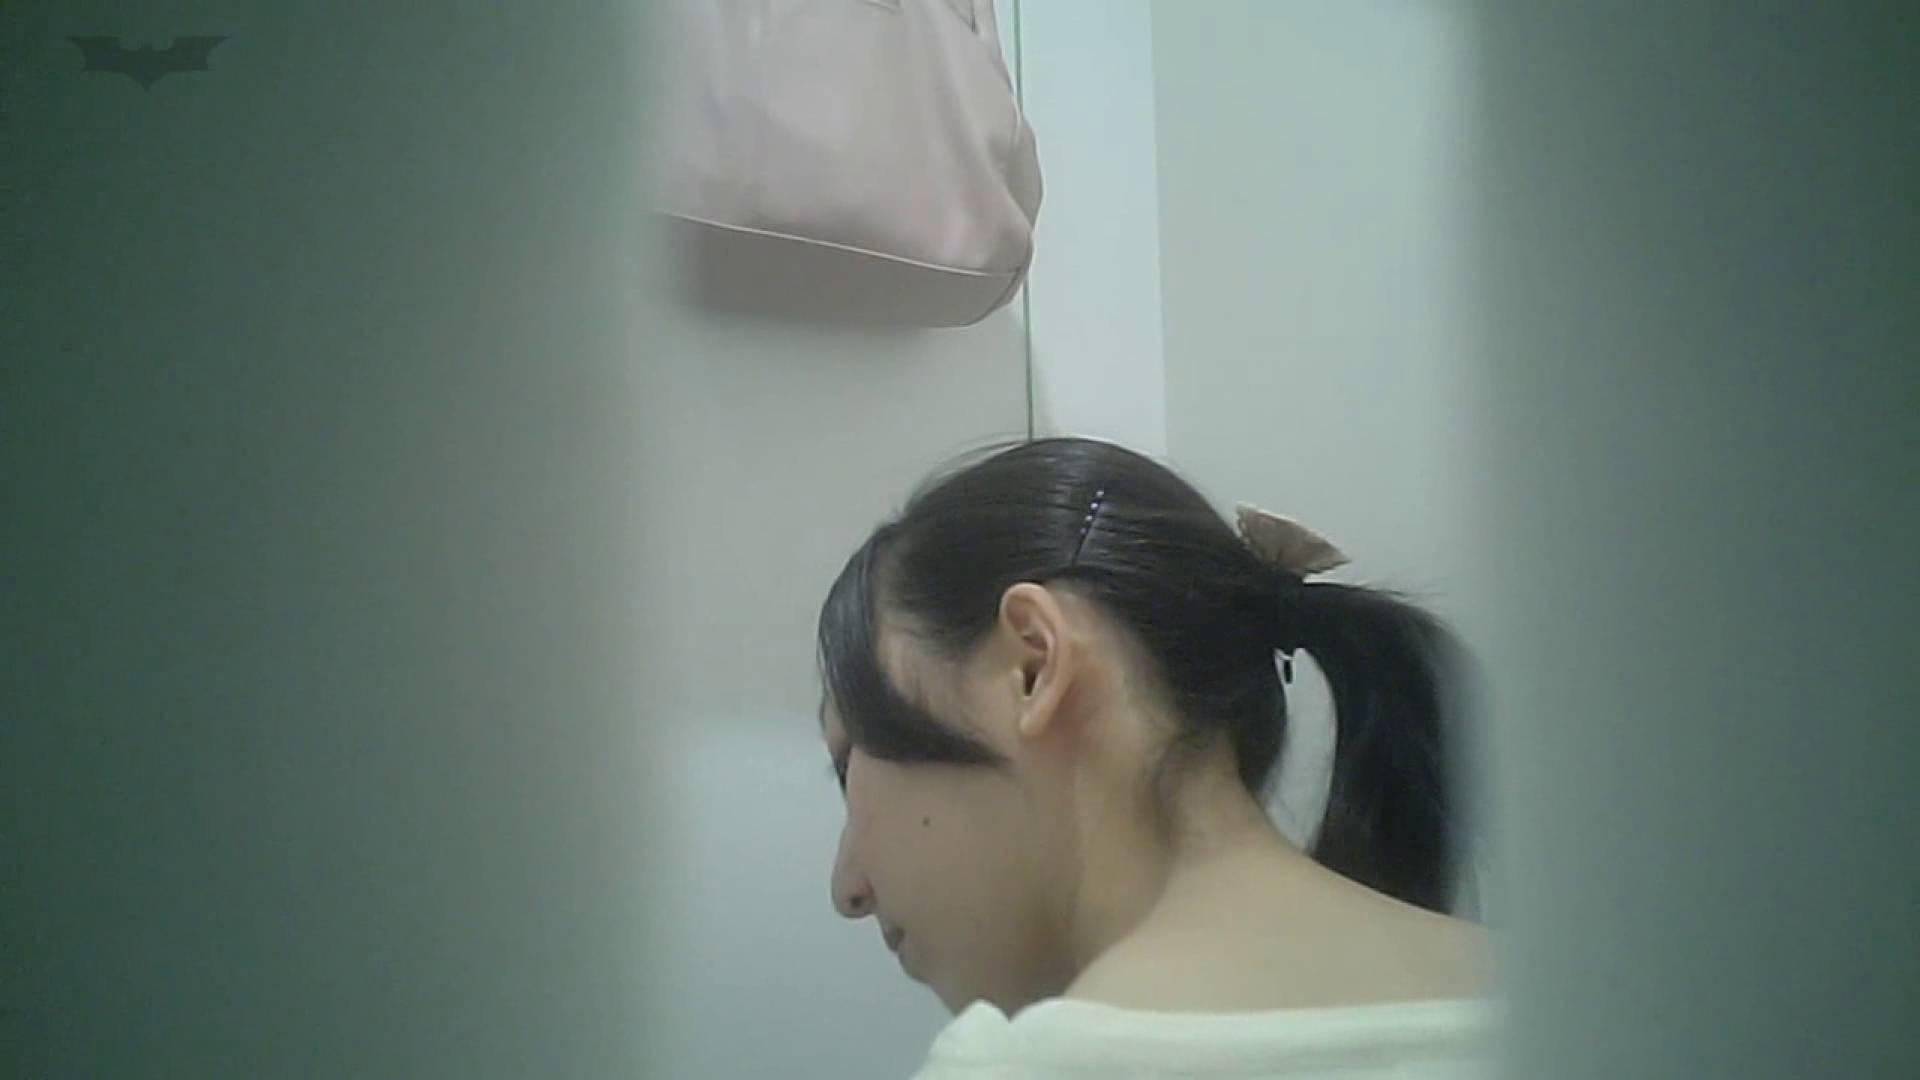 無修正おまんこ動画|有名大学女性洗面所 vol.40 ??おまじない的な動きをする子がいます。|怪盗ジョーカー